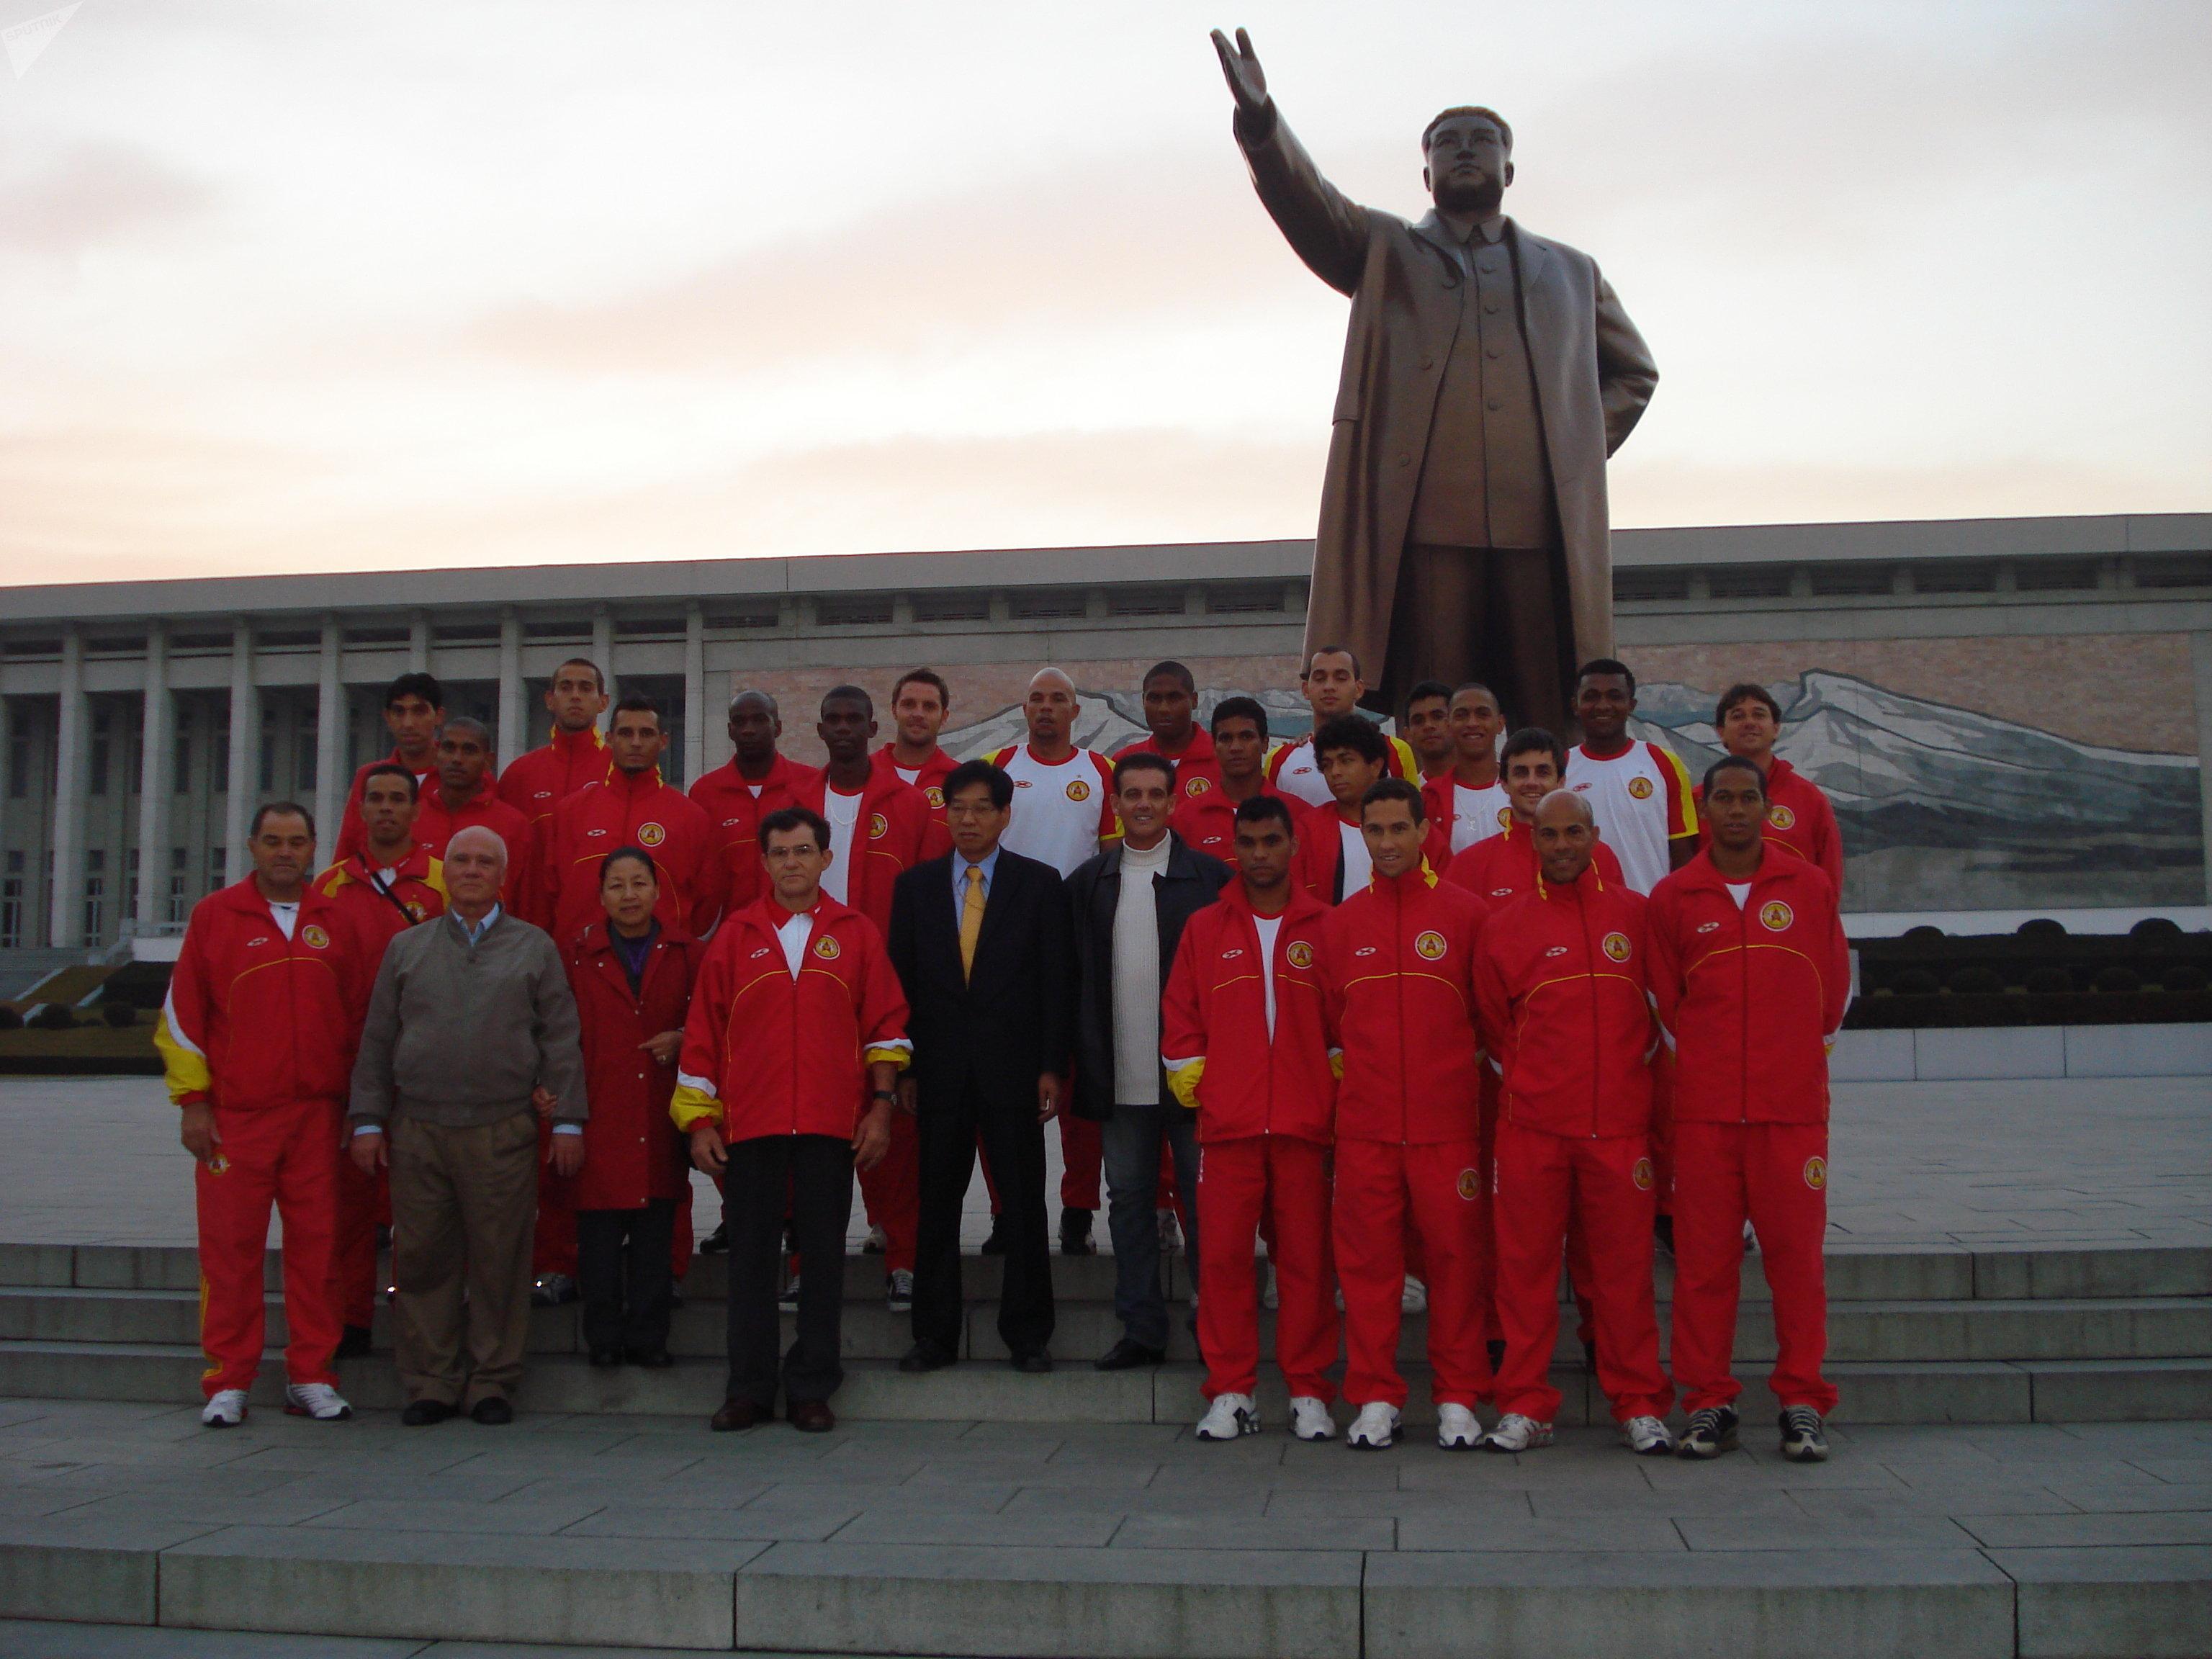 Equipe do Atlético de Sorocaba junto à estátua de Kim Jong-il em Pyongyang em 2009